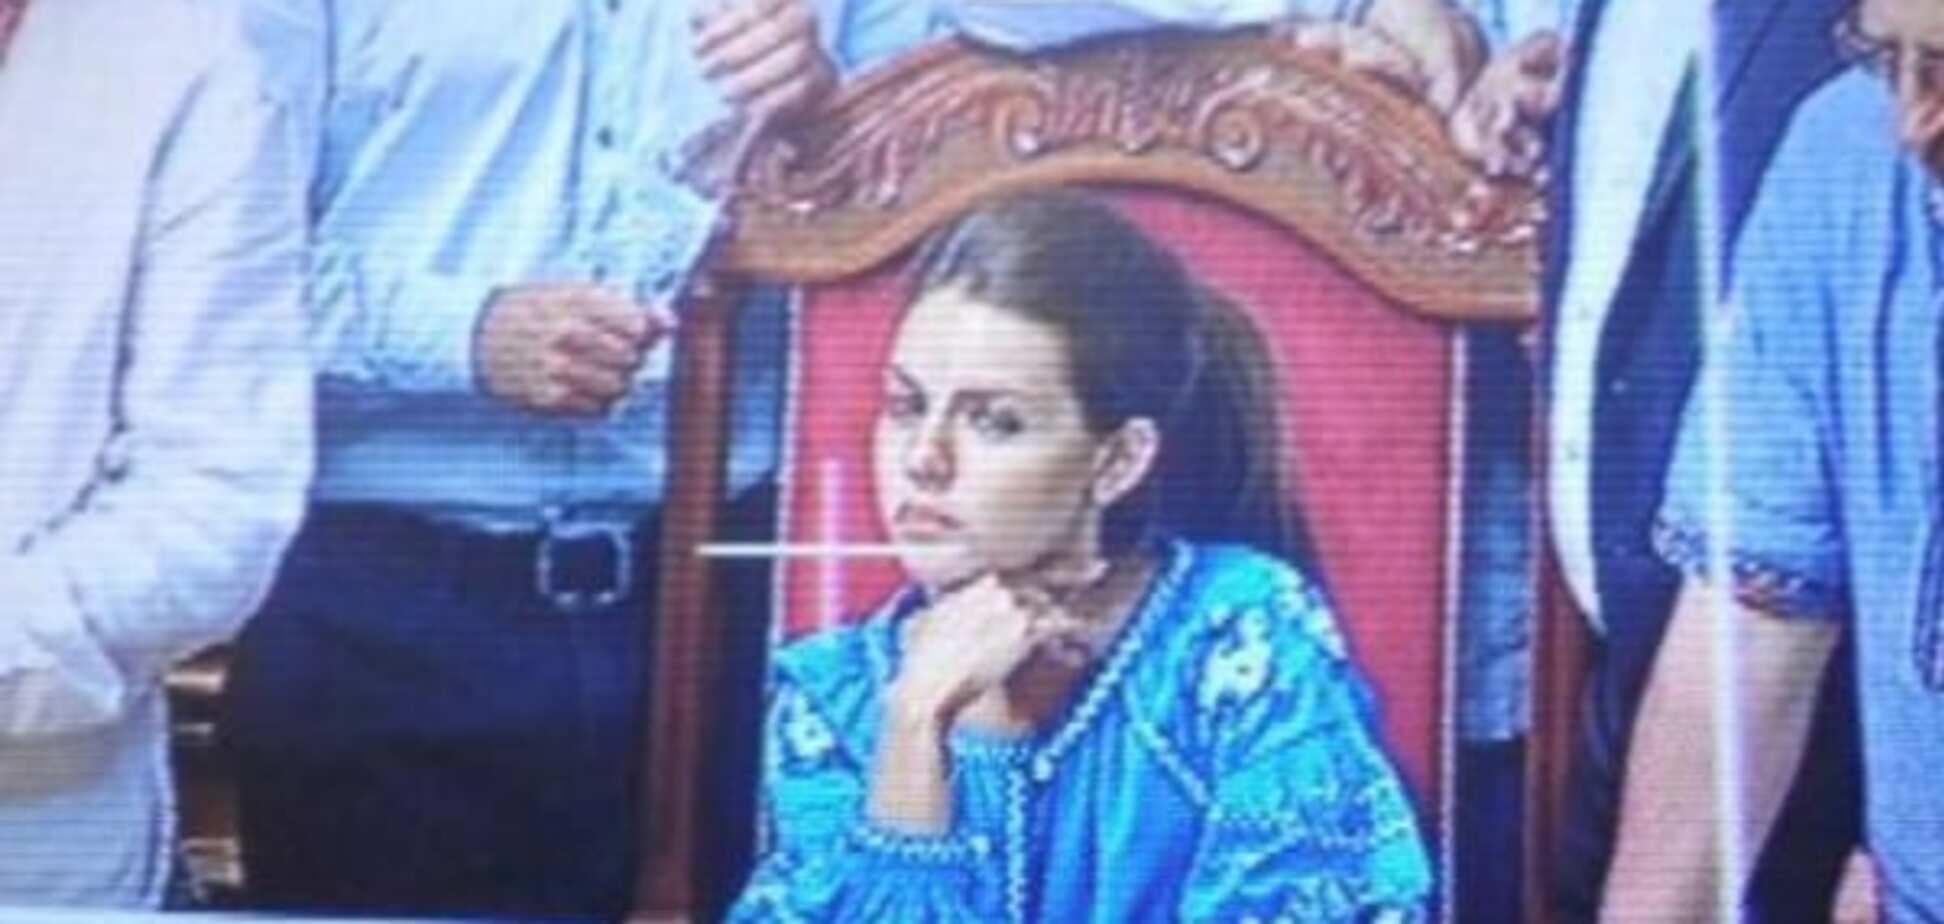 'Радикалка' Кошелева покрасовалась в Раде в вышиванке за 27 тыс грн: опубликованы фото